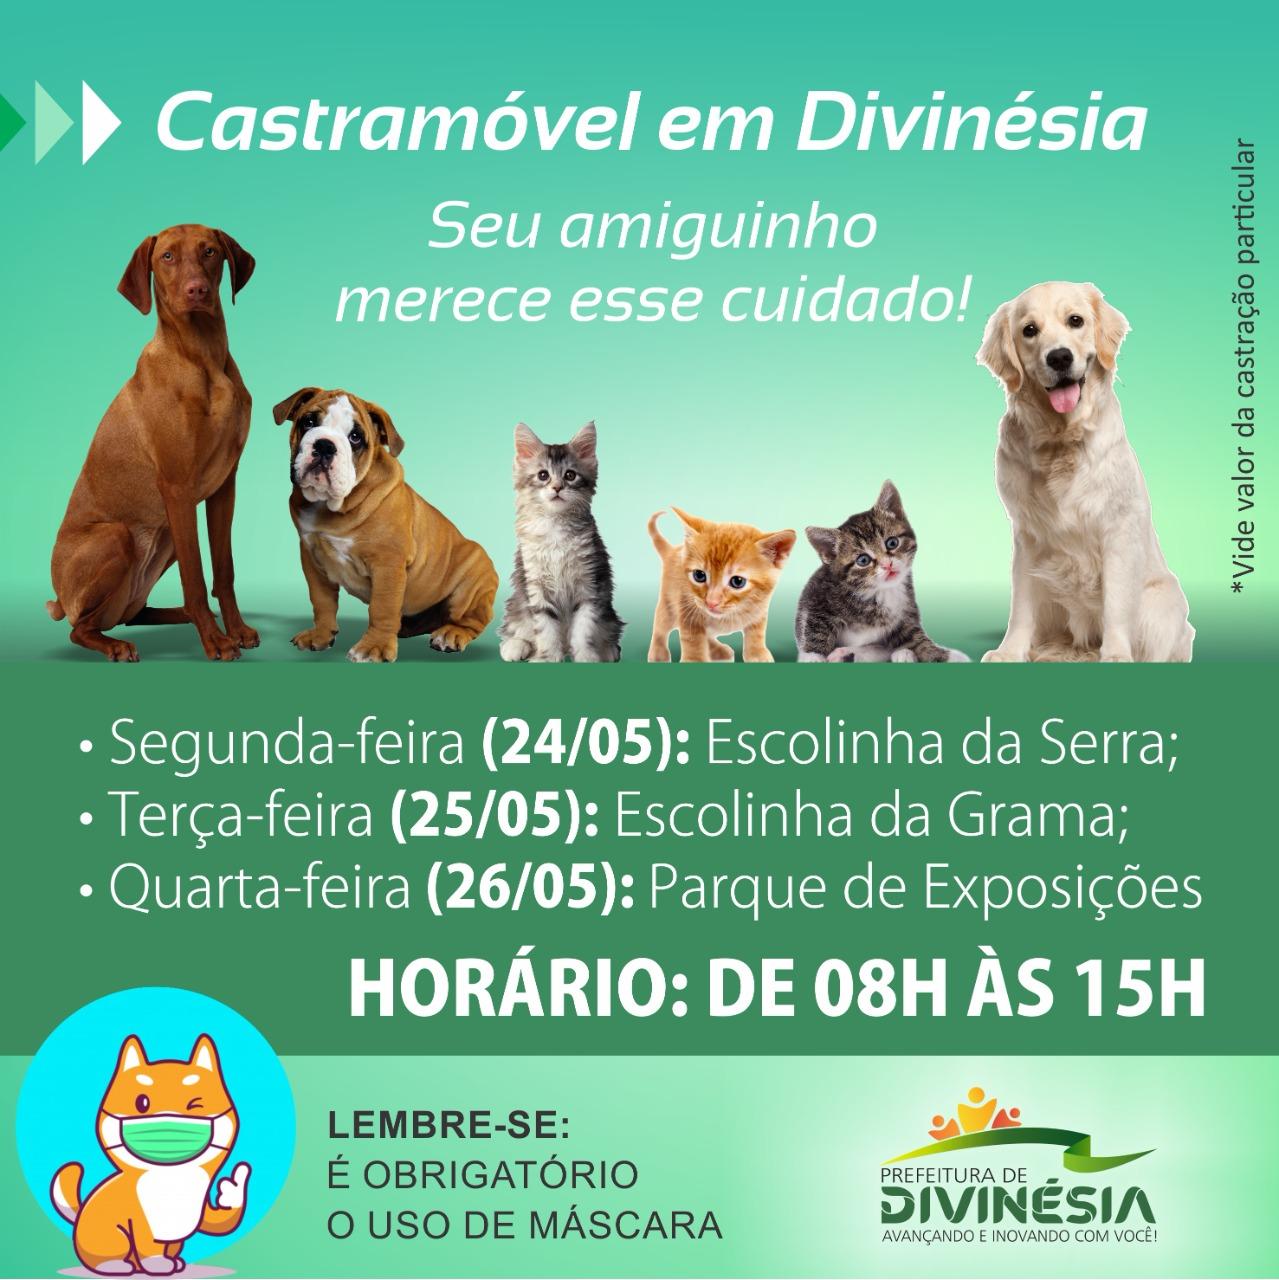 CASTRAMÓVEL ESTACIONA EM DIVINÉSIA NOS DIAS 24, 25 E 26 DE MAIO